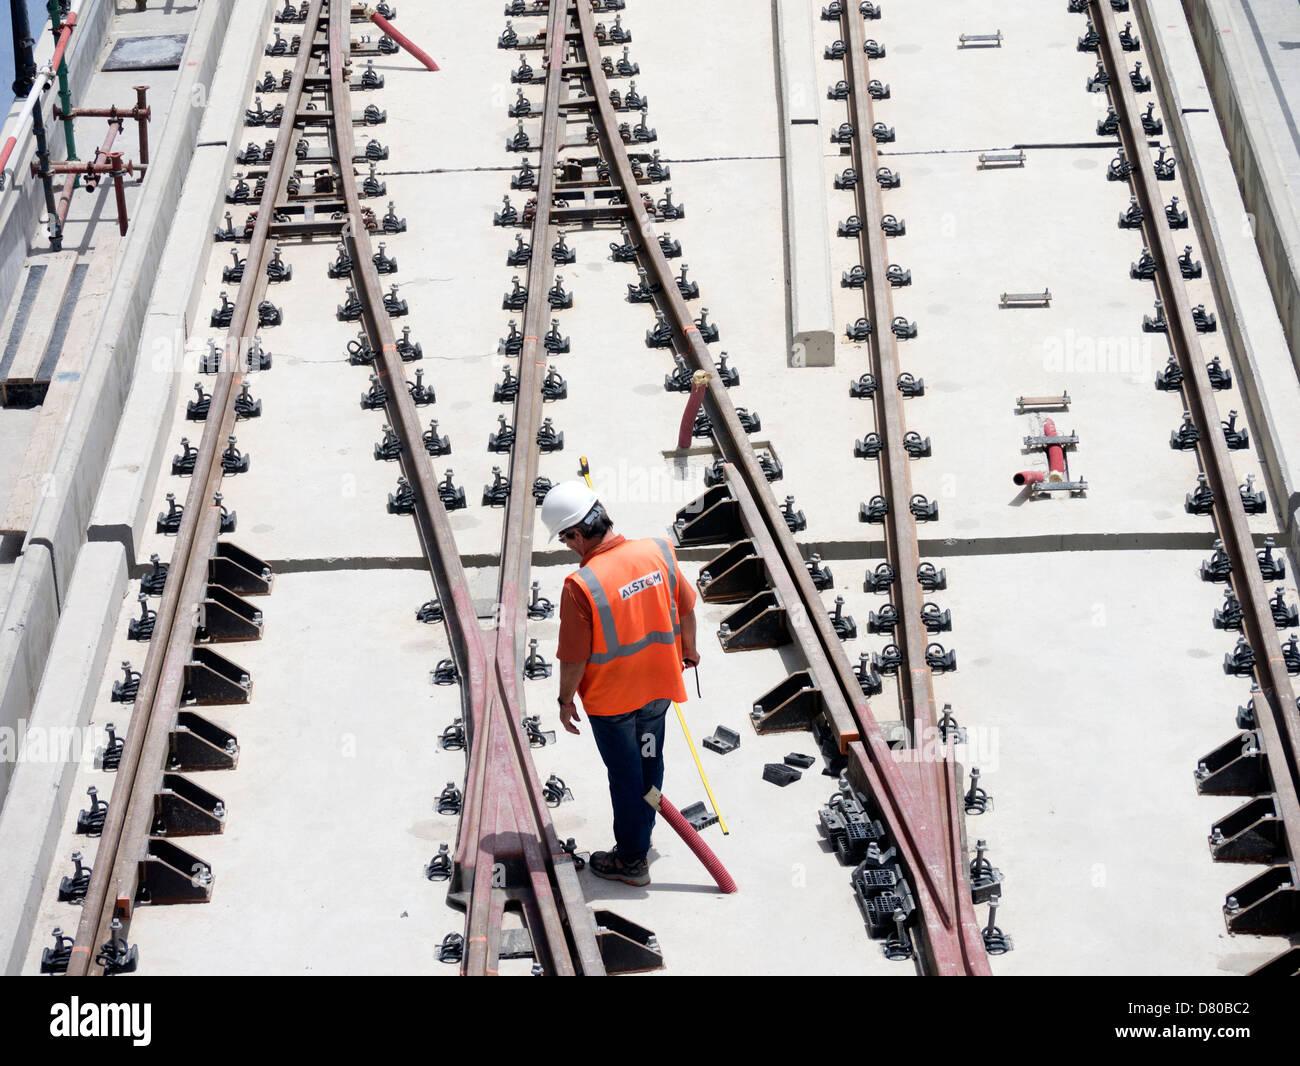 Costruzione di nuovo Al Sufouh tram in Dubai Emirati Arabi Uniti Immagini Stock